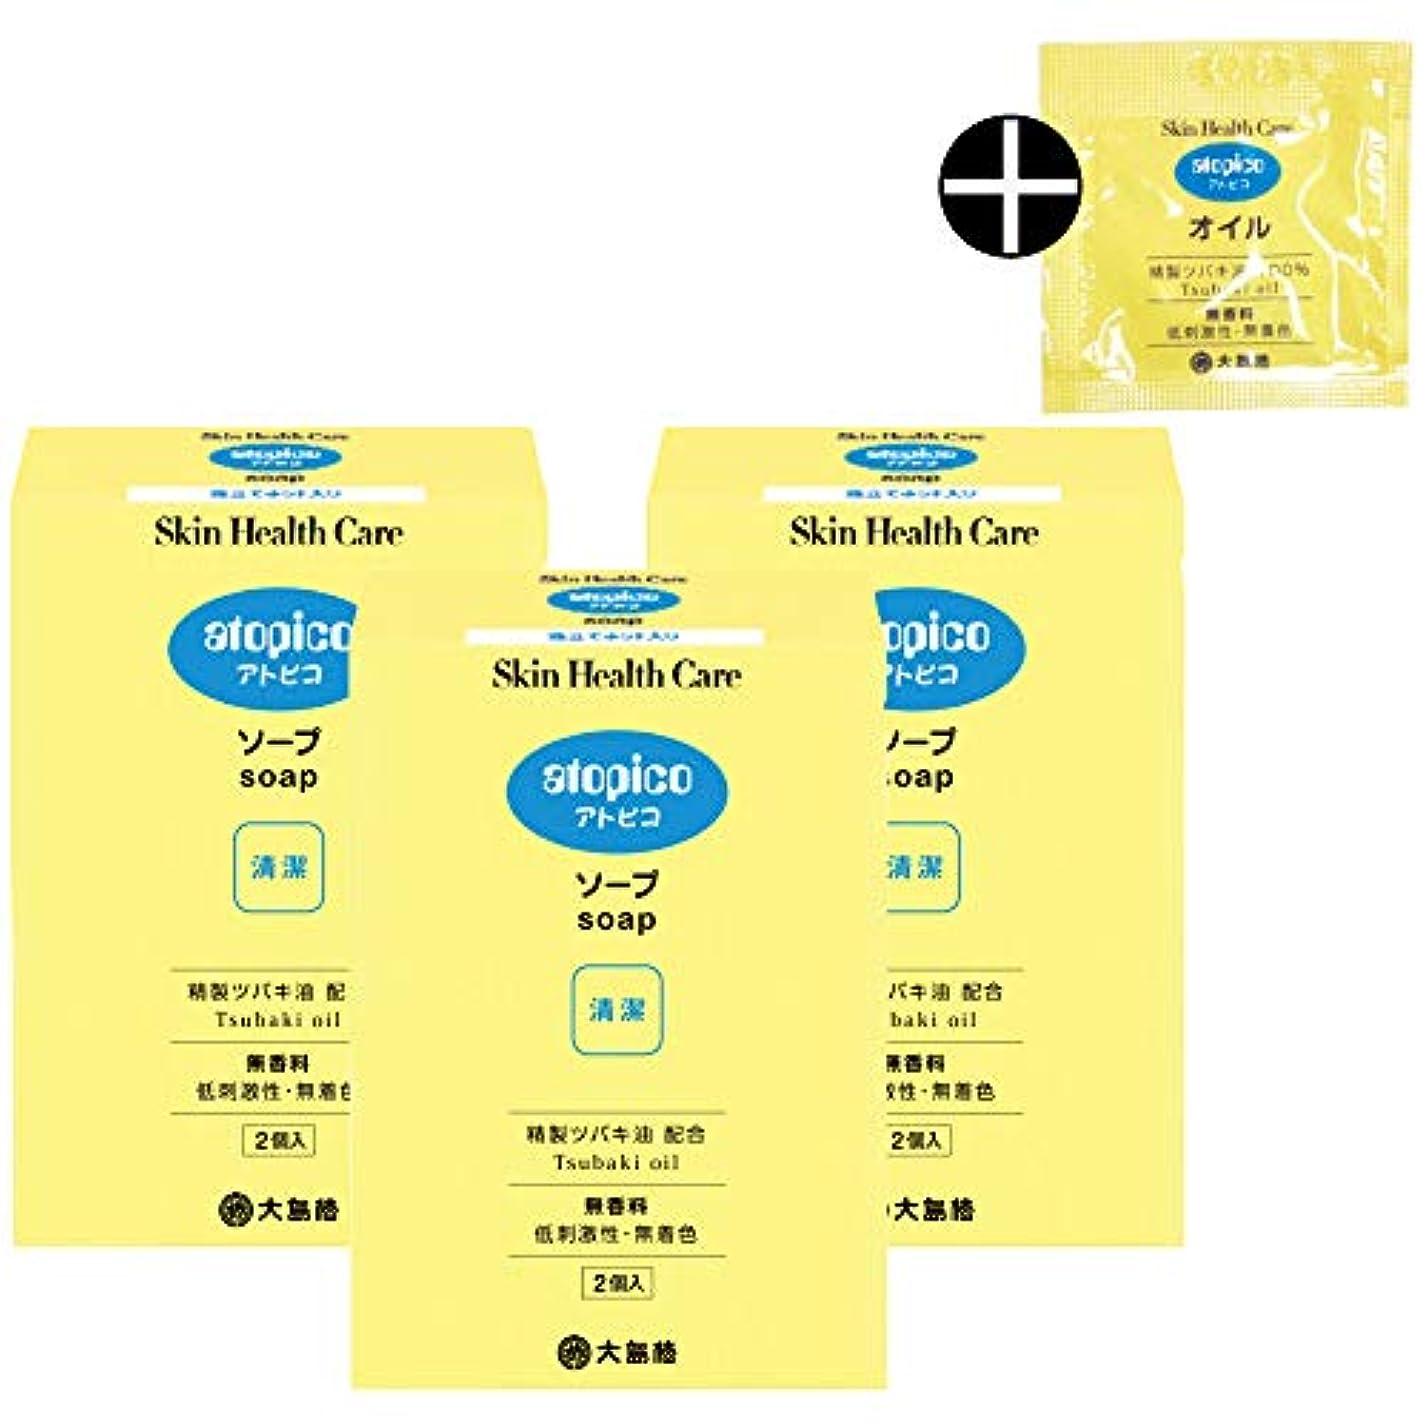 私身元爪【公式】大島椿 アトピコ スキンヘルスケア ソープ 70g2個入×3箱 サンプル付セット